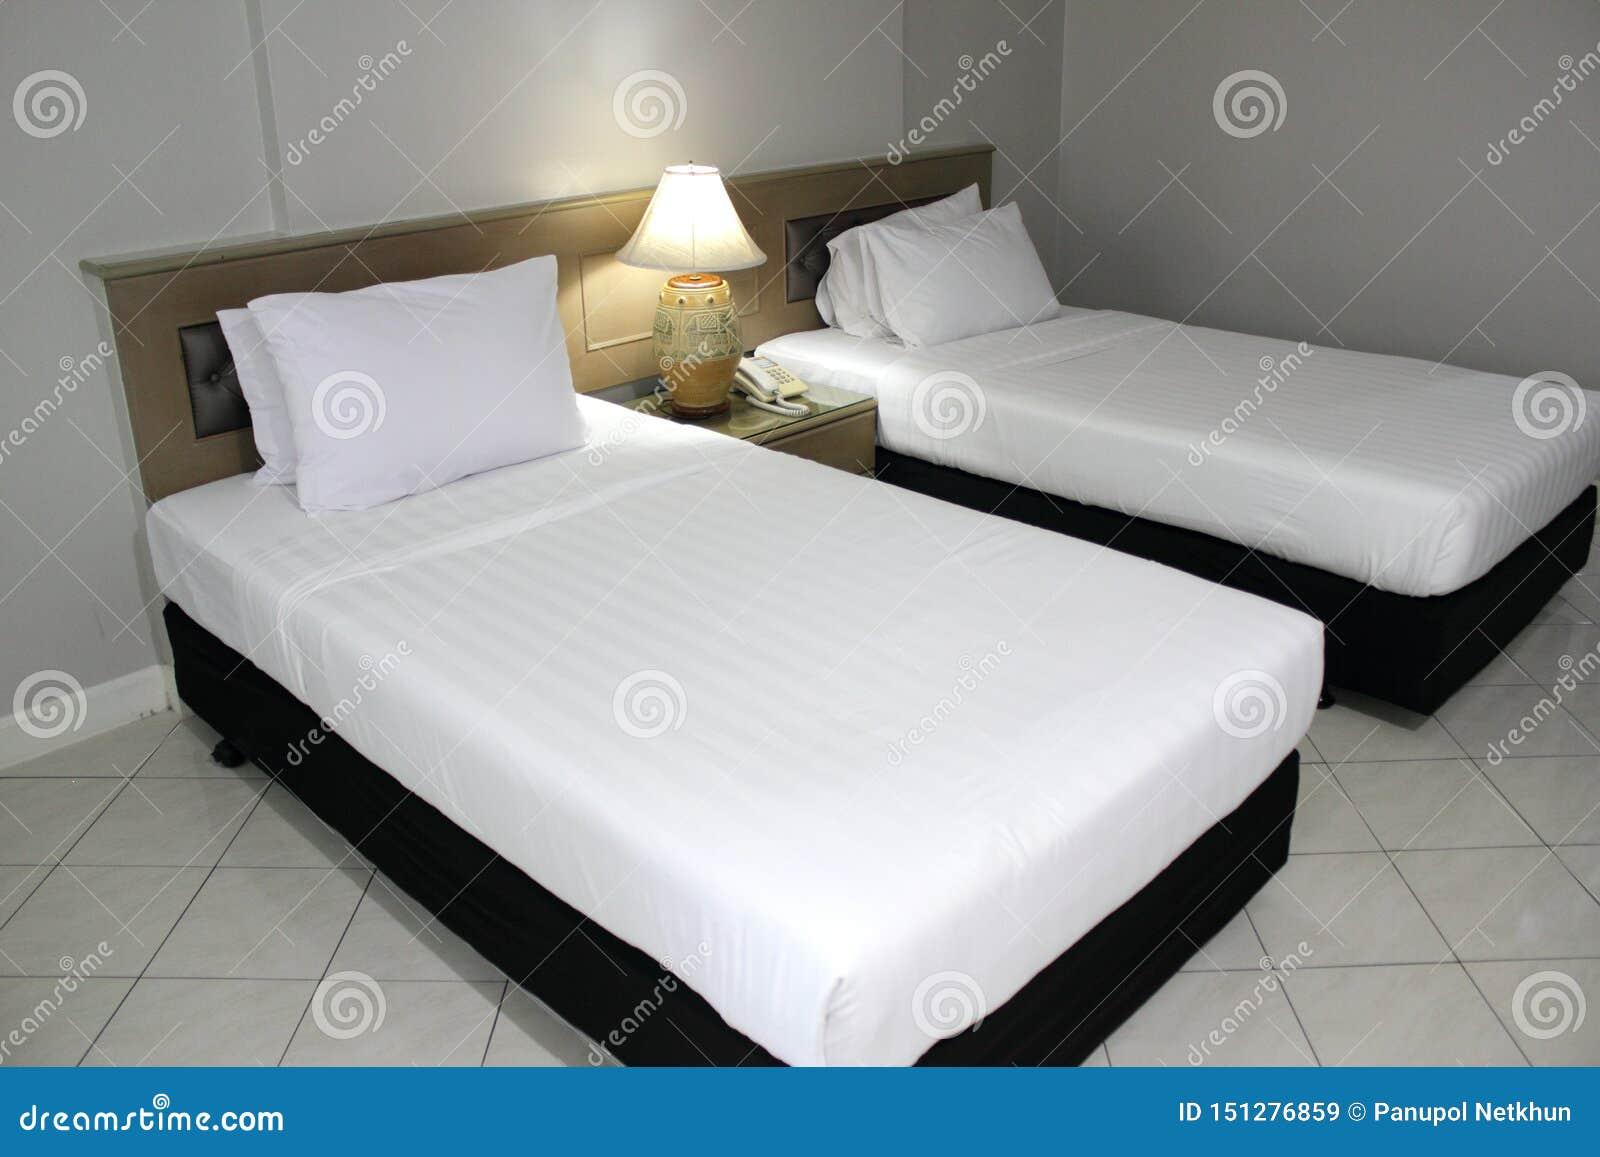 Dwoista biała materac i czarny łóżko